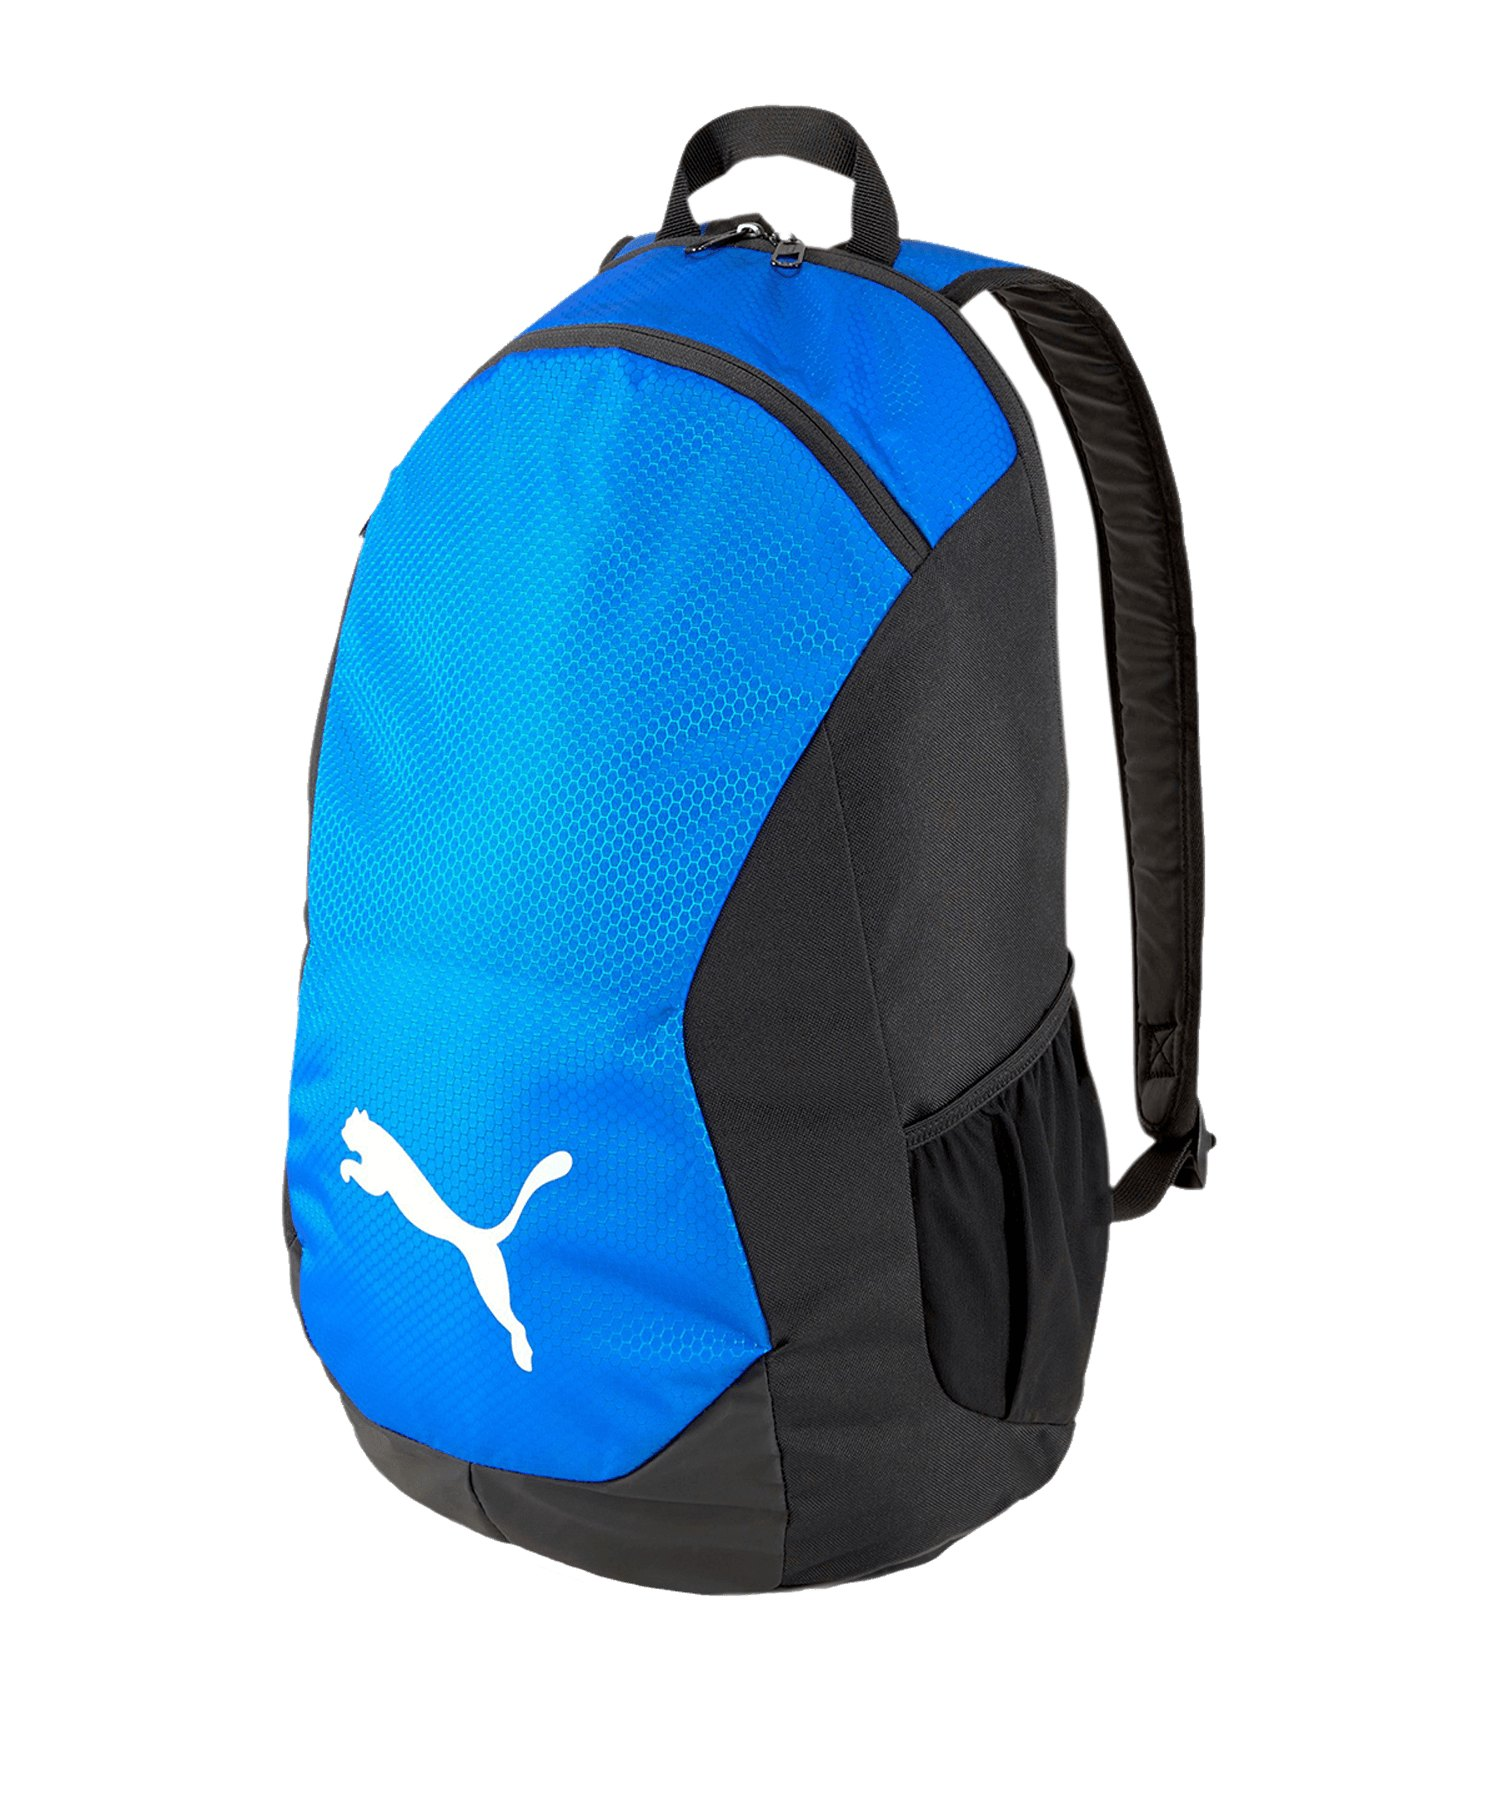 PUMA teamFINAL 21 Backpack Rucksack Blau F02 - blau